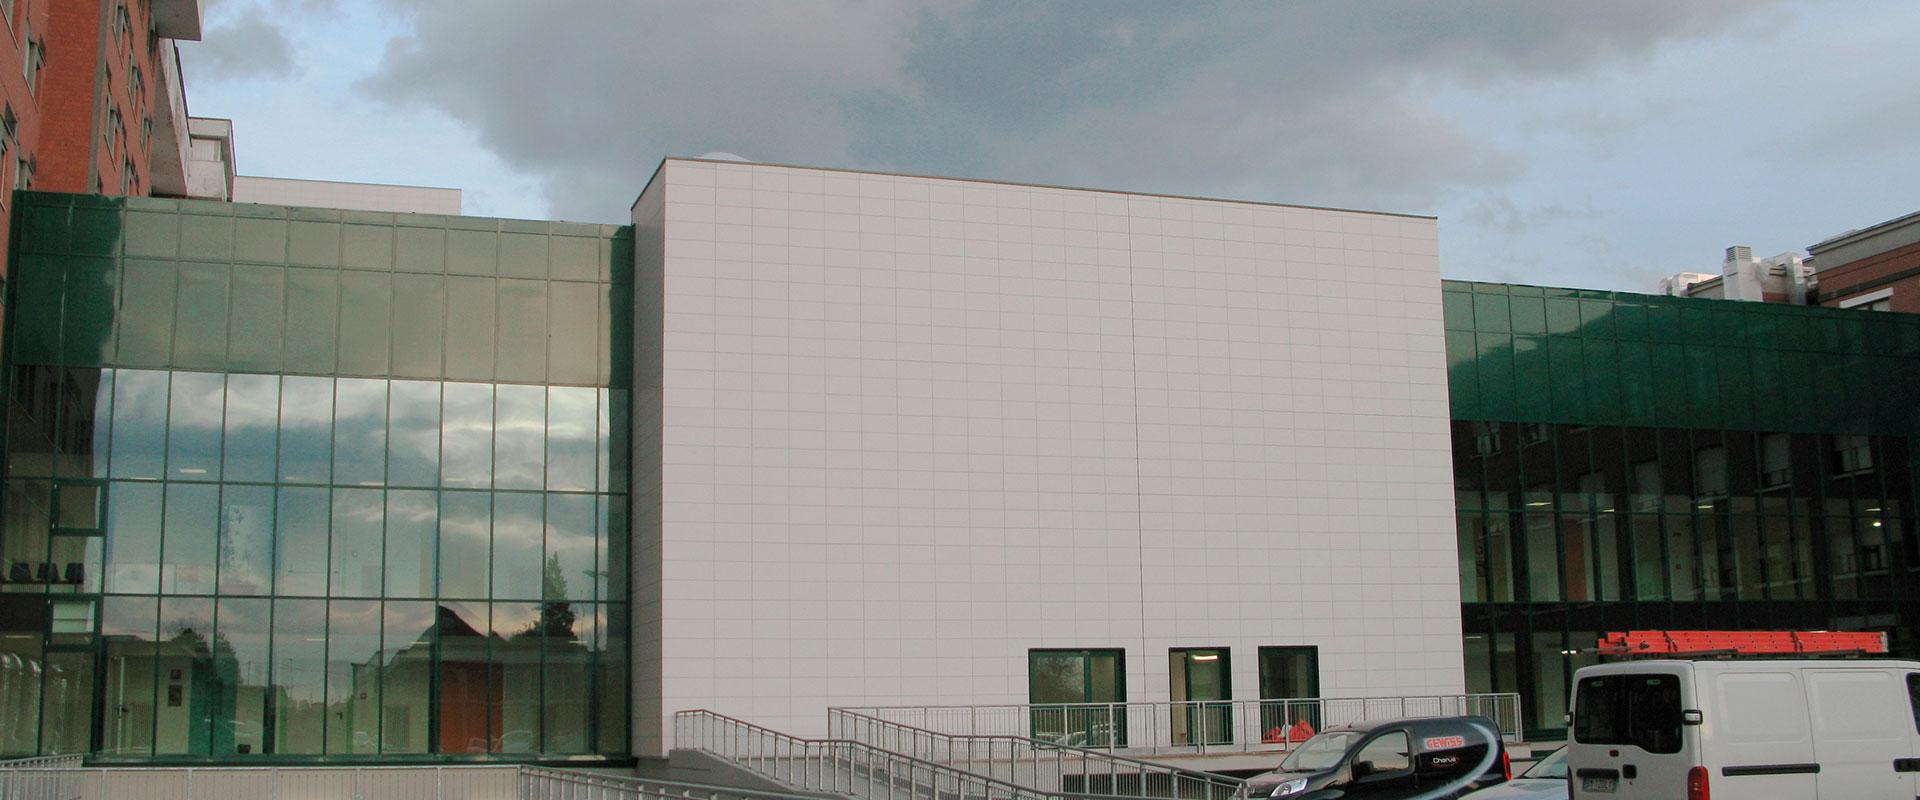 AGGLOTECH-progetto-ospedale-rovigo-slider-1